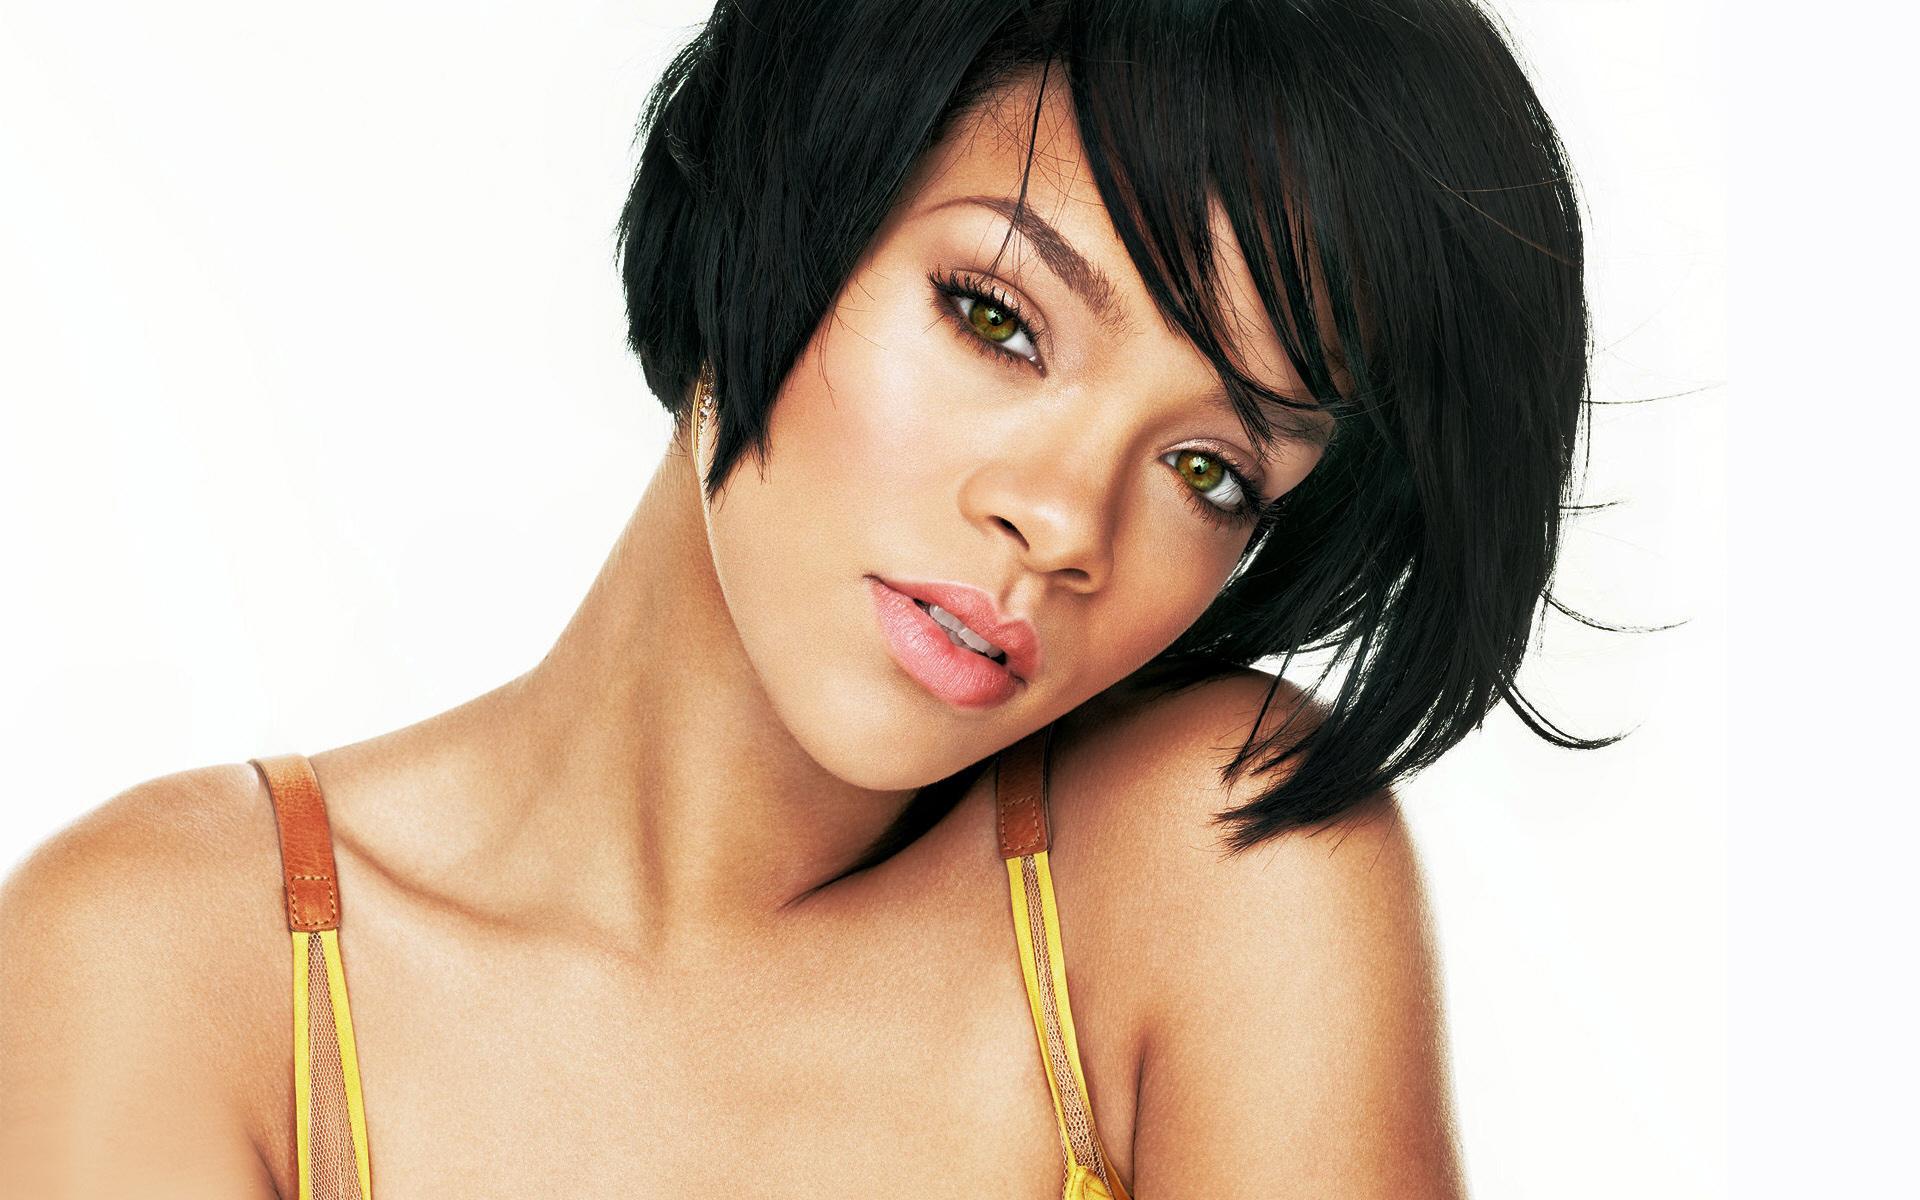 Rihanna 53 wallpaper